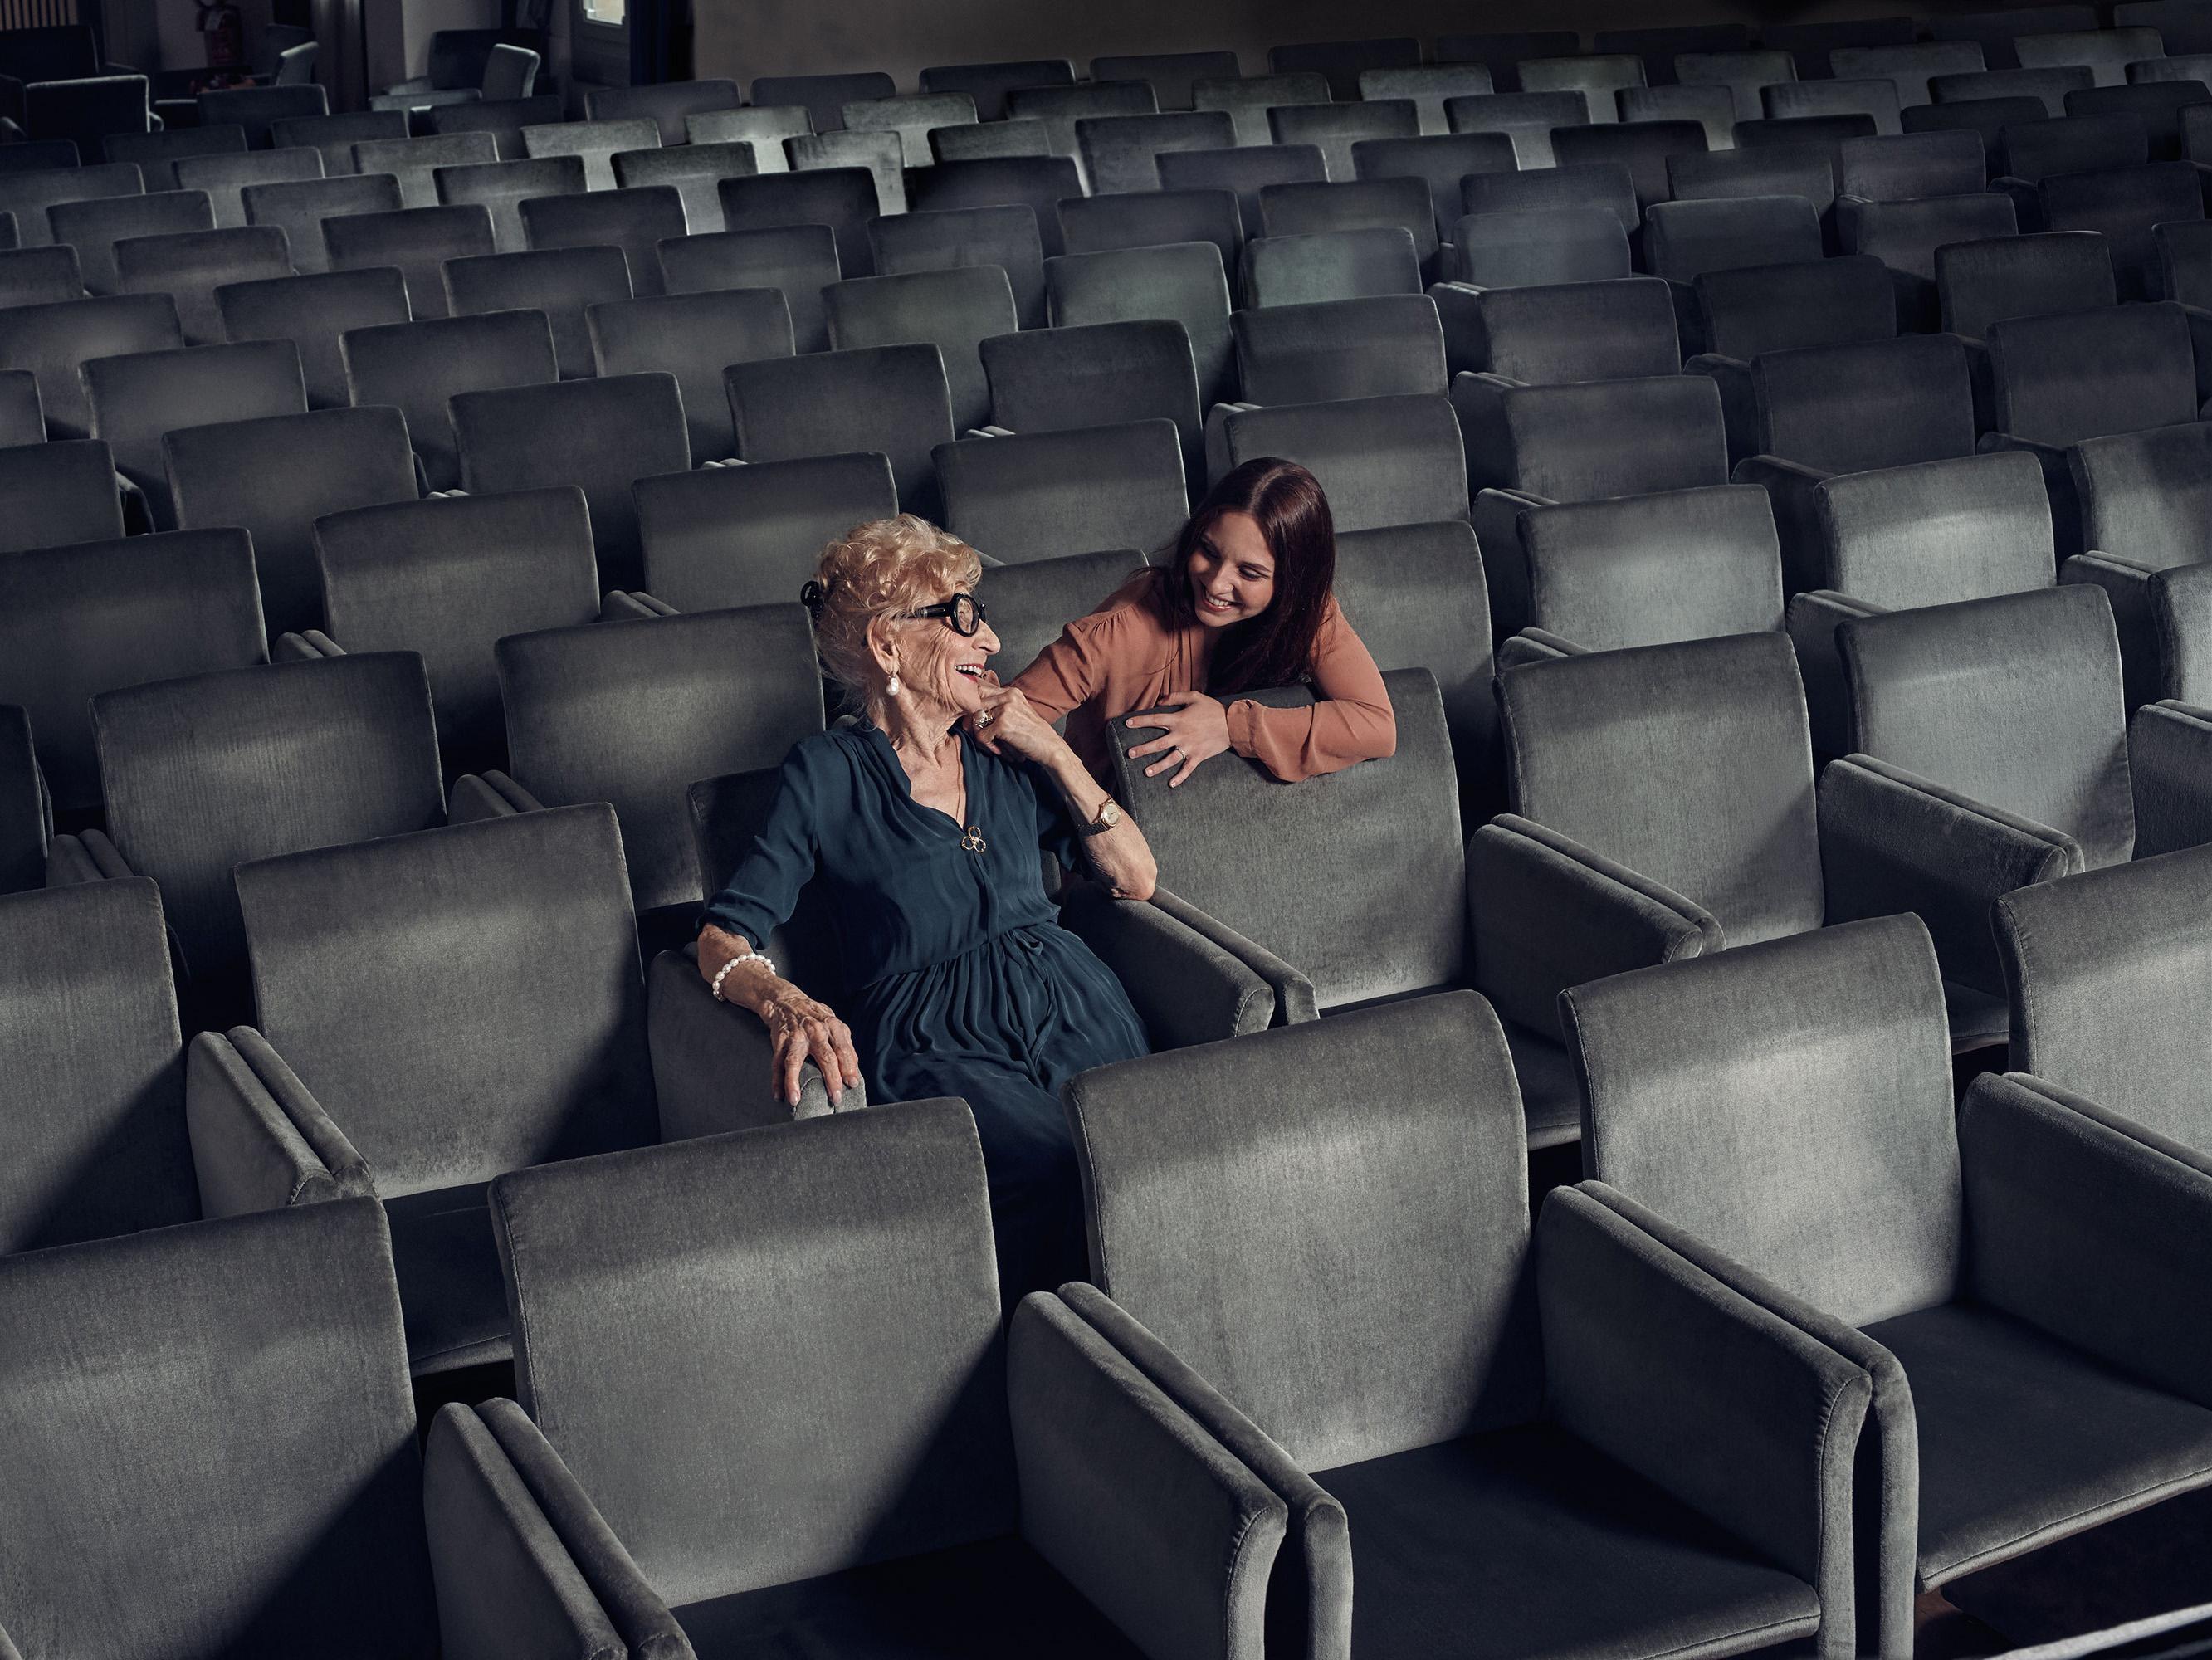 Teatro Civico Schio 2018/2019 | Piero Martinello | Armani | Elle Decor | Nicolò Andreoni | Numerique Retouch Photo Retouching Studio